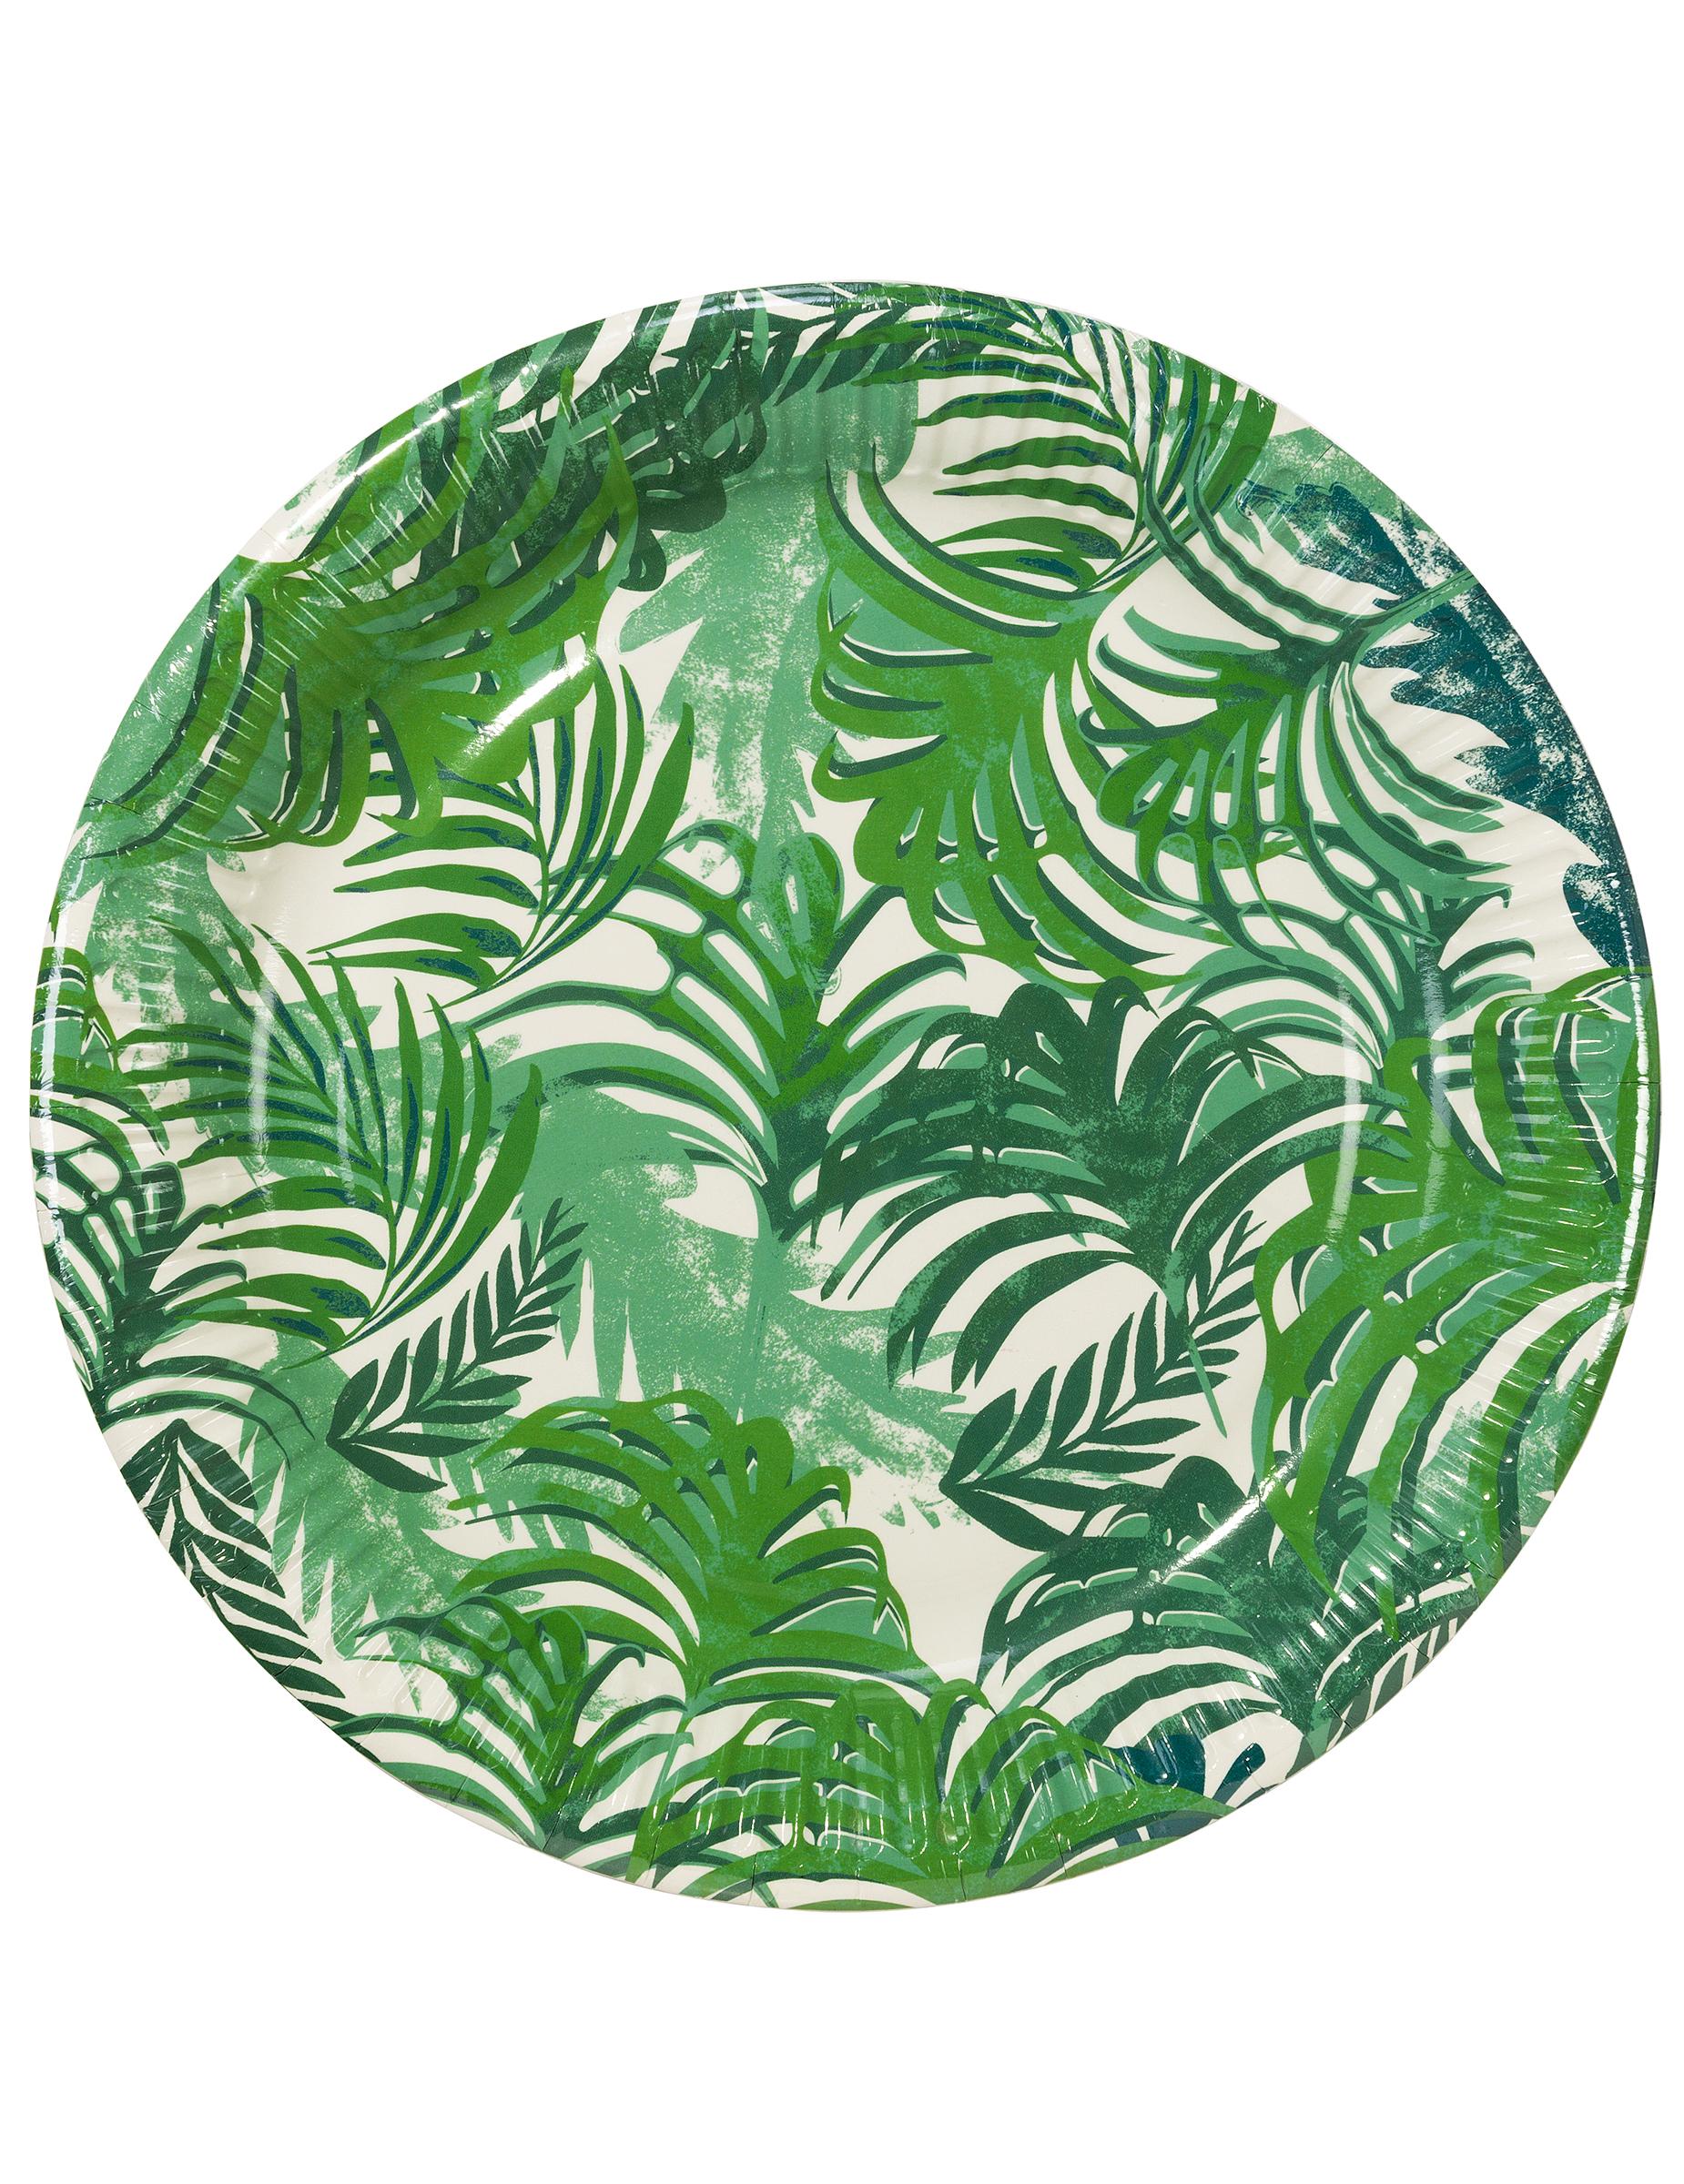 12 assiettes en carton tropical jungle 23 cm d coration anniversaire et f tes th me sur. Black Bedroom Furniture Sets. Home Design Ideas